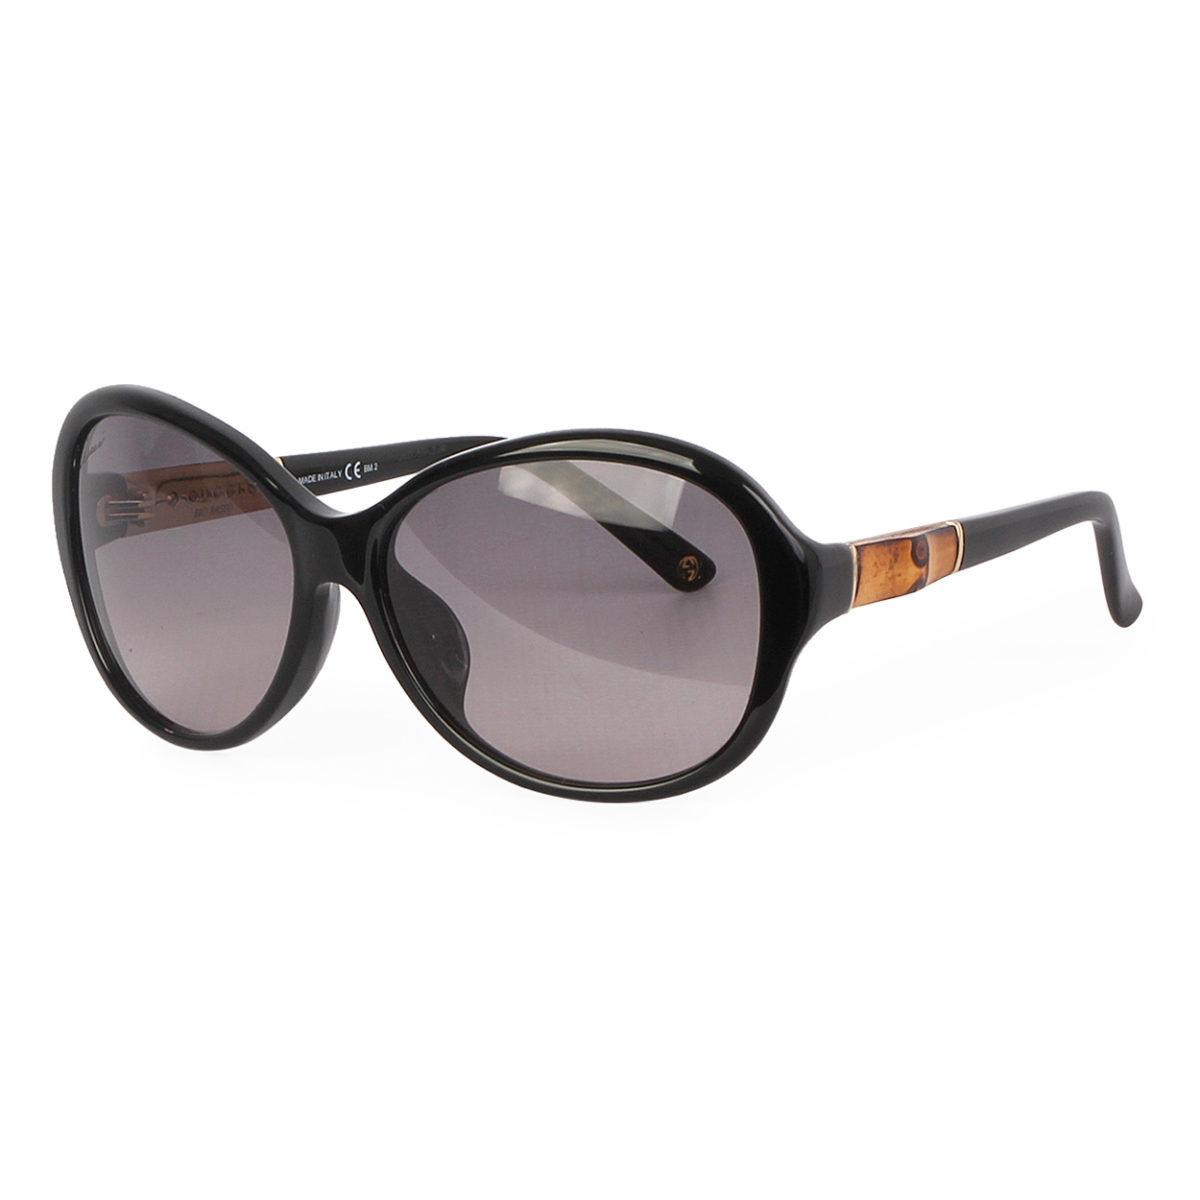 996877160a4 GUCCI Bamboo Sunglasses GG3684 F S Black